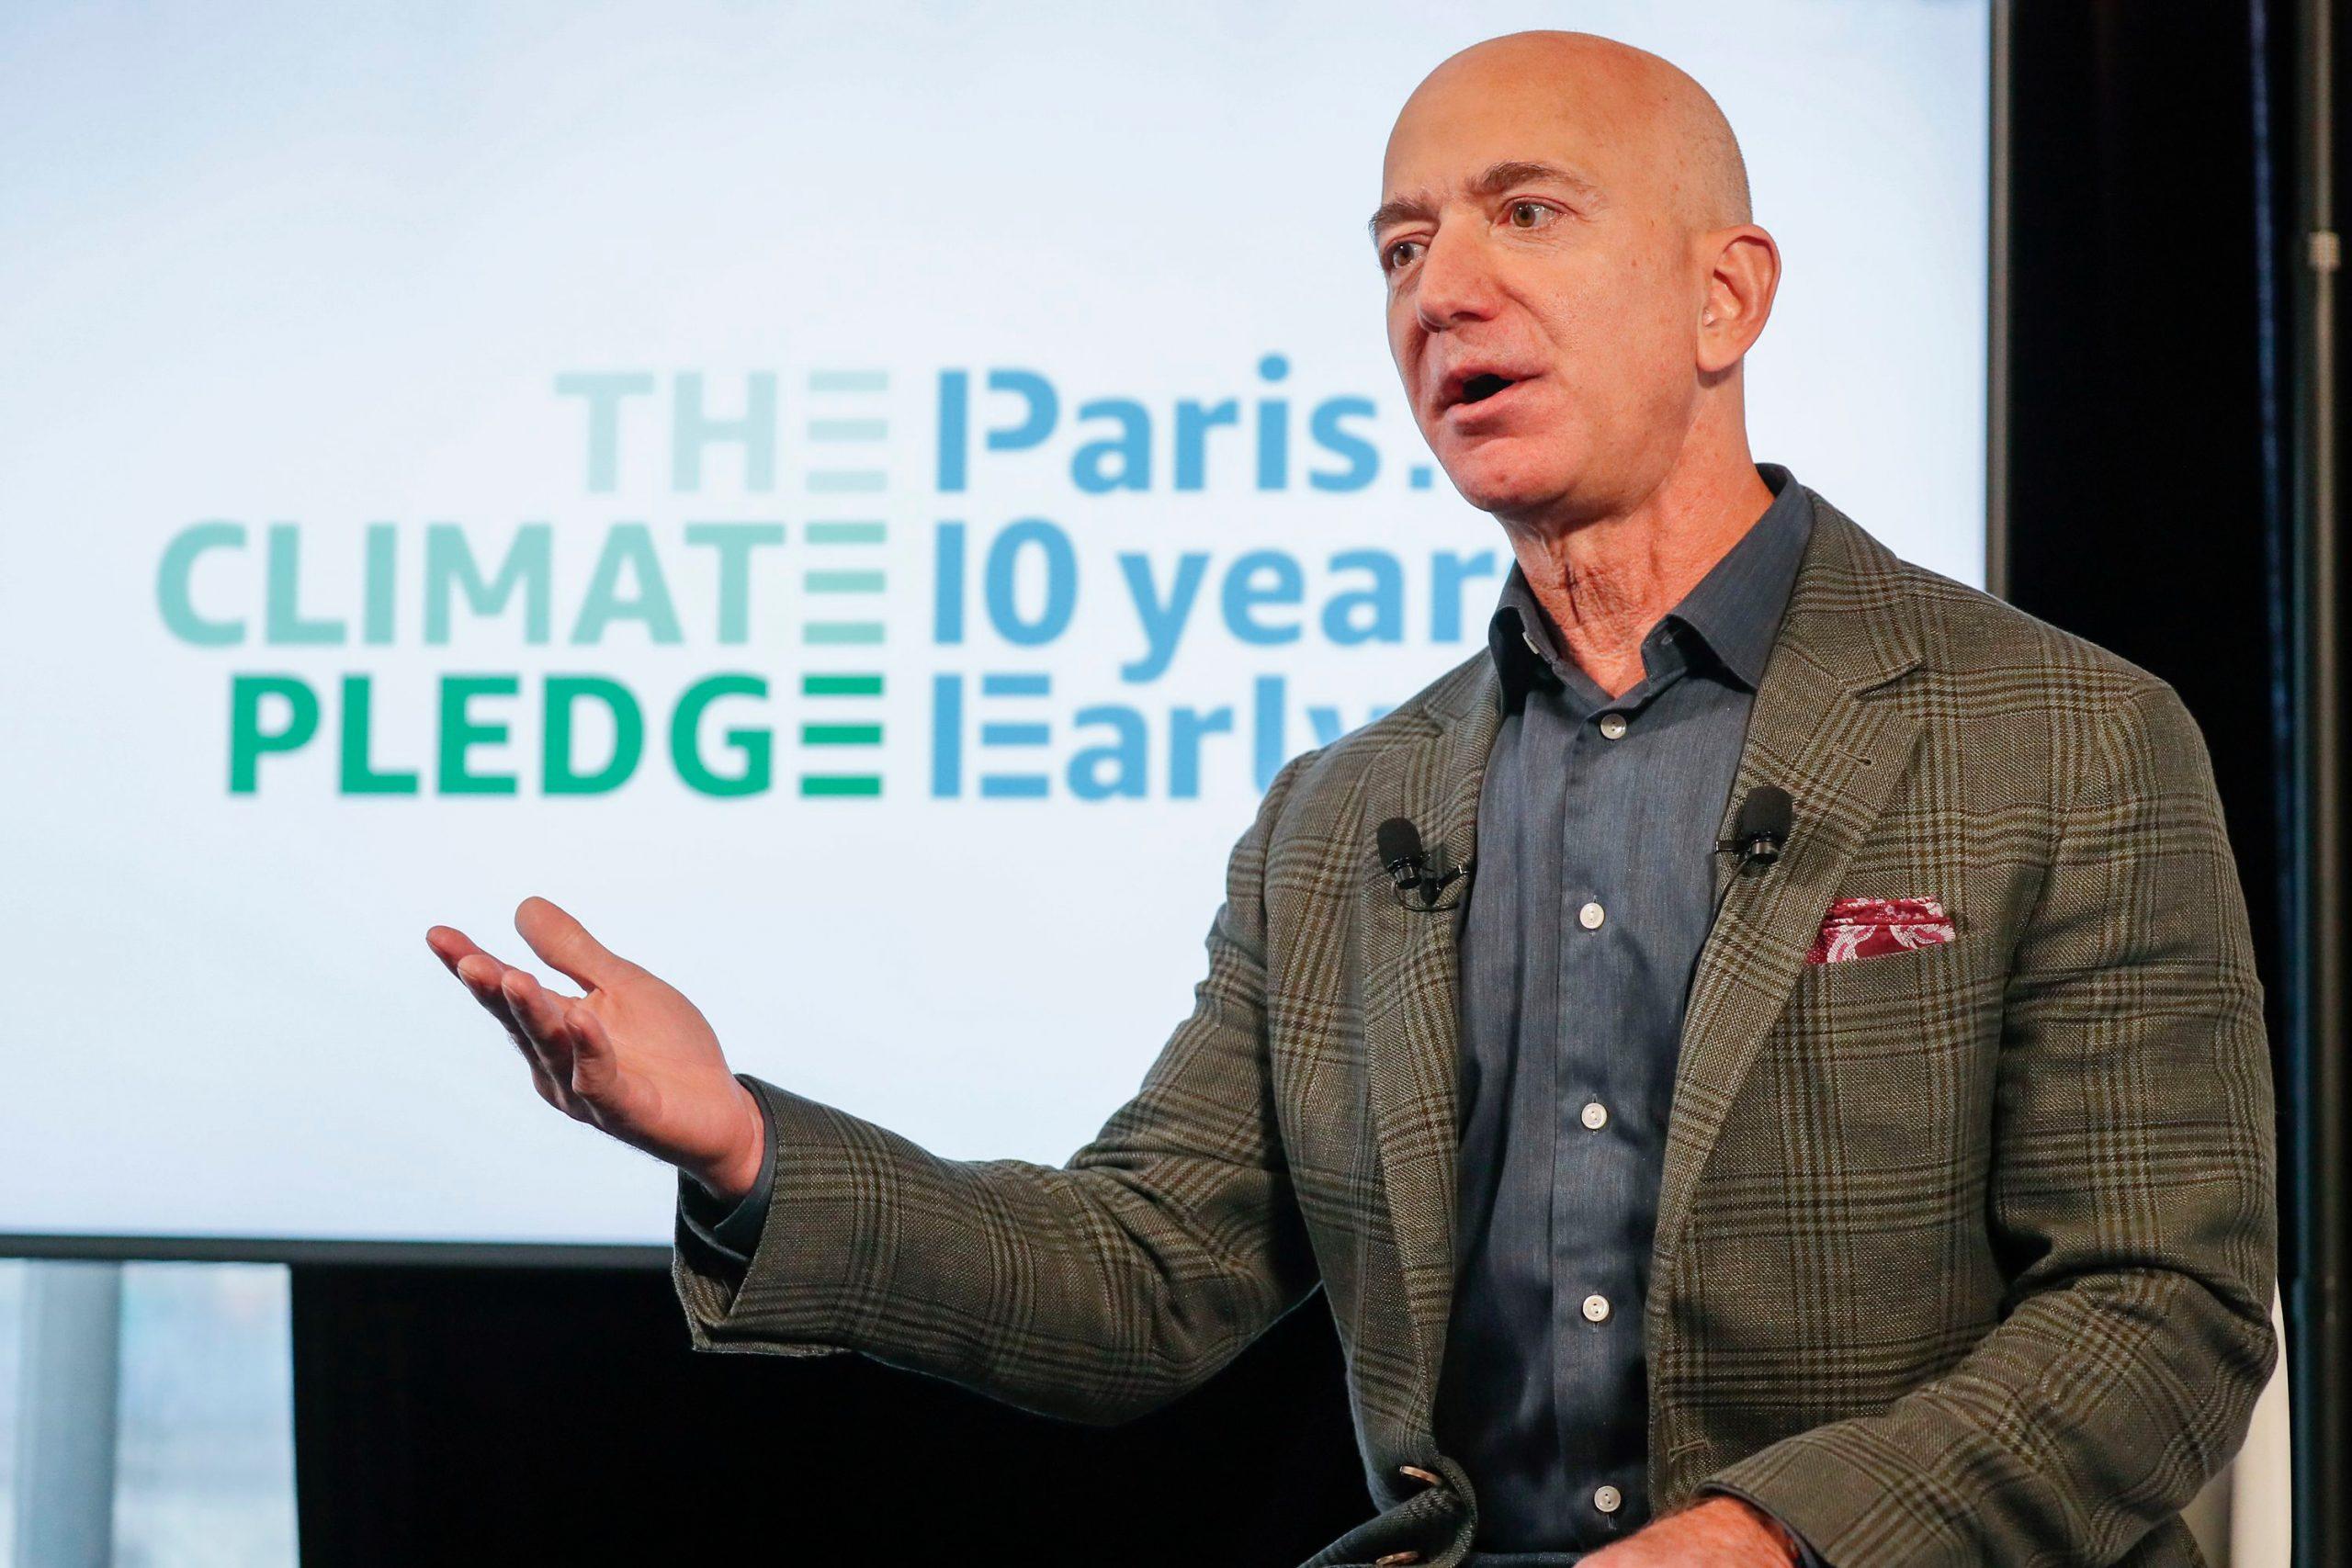 アマゾンが20憶ドルの気候基金を設立、「実質ゼロ」達成を後押し